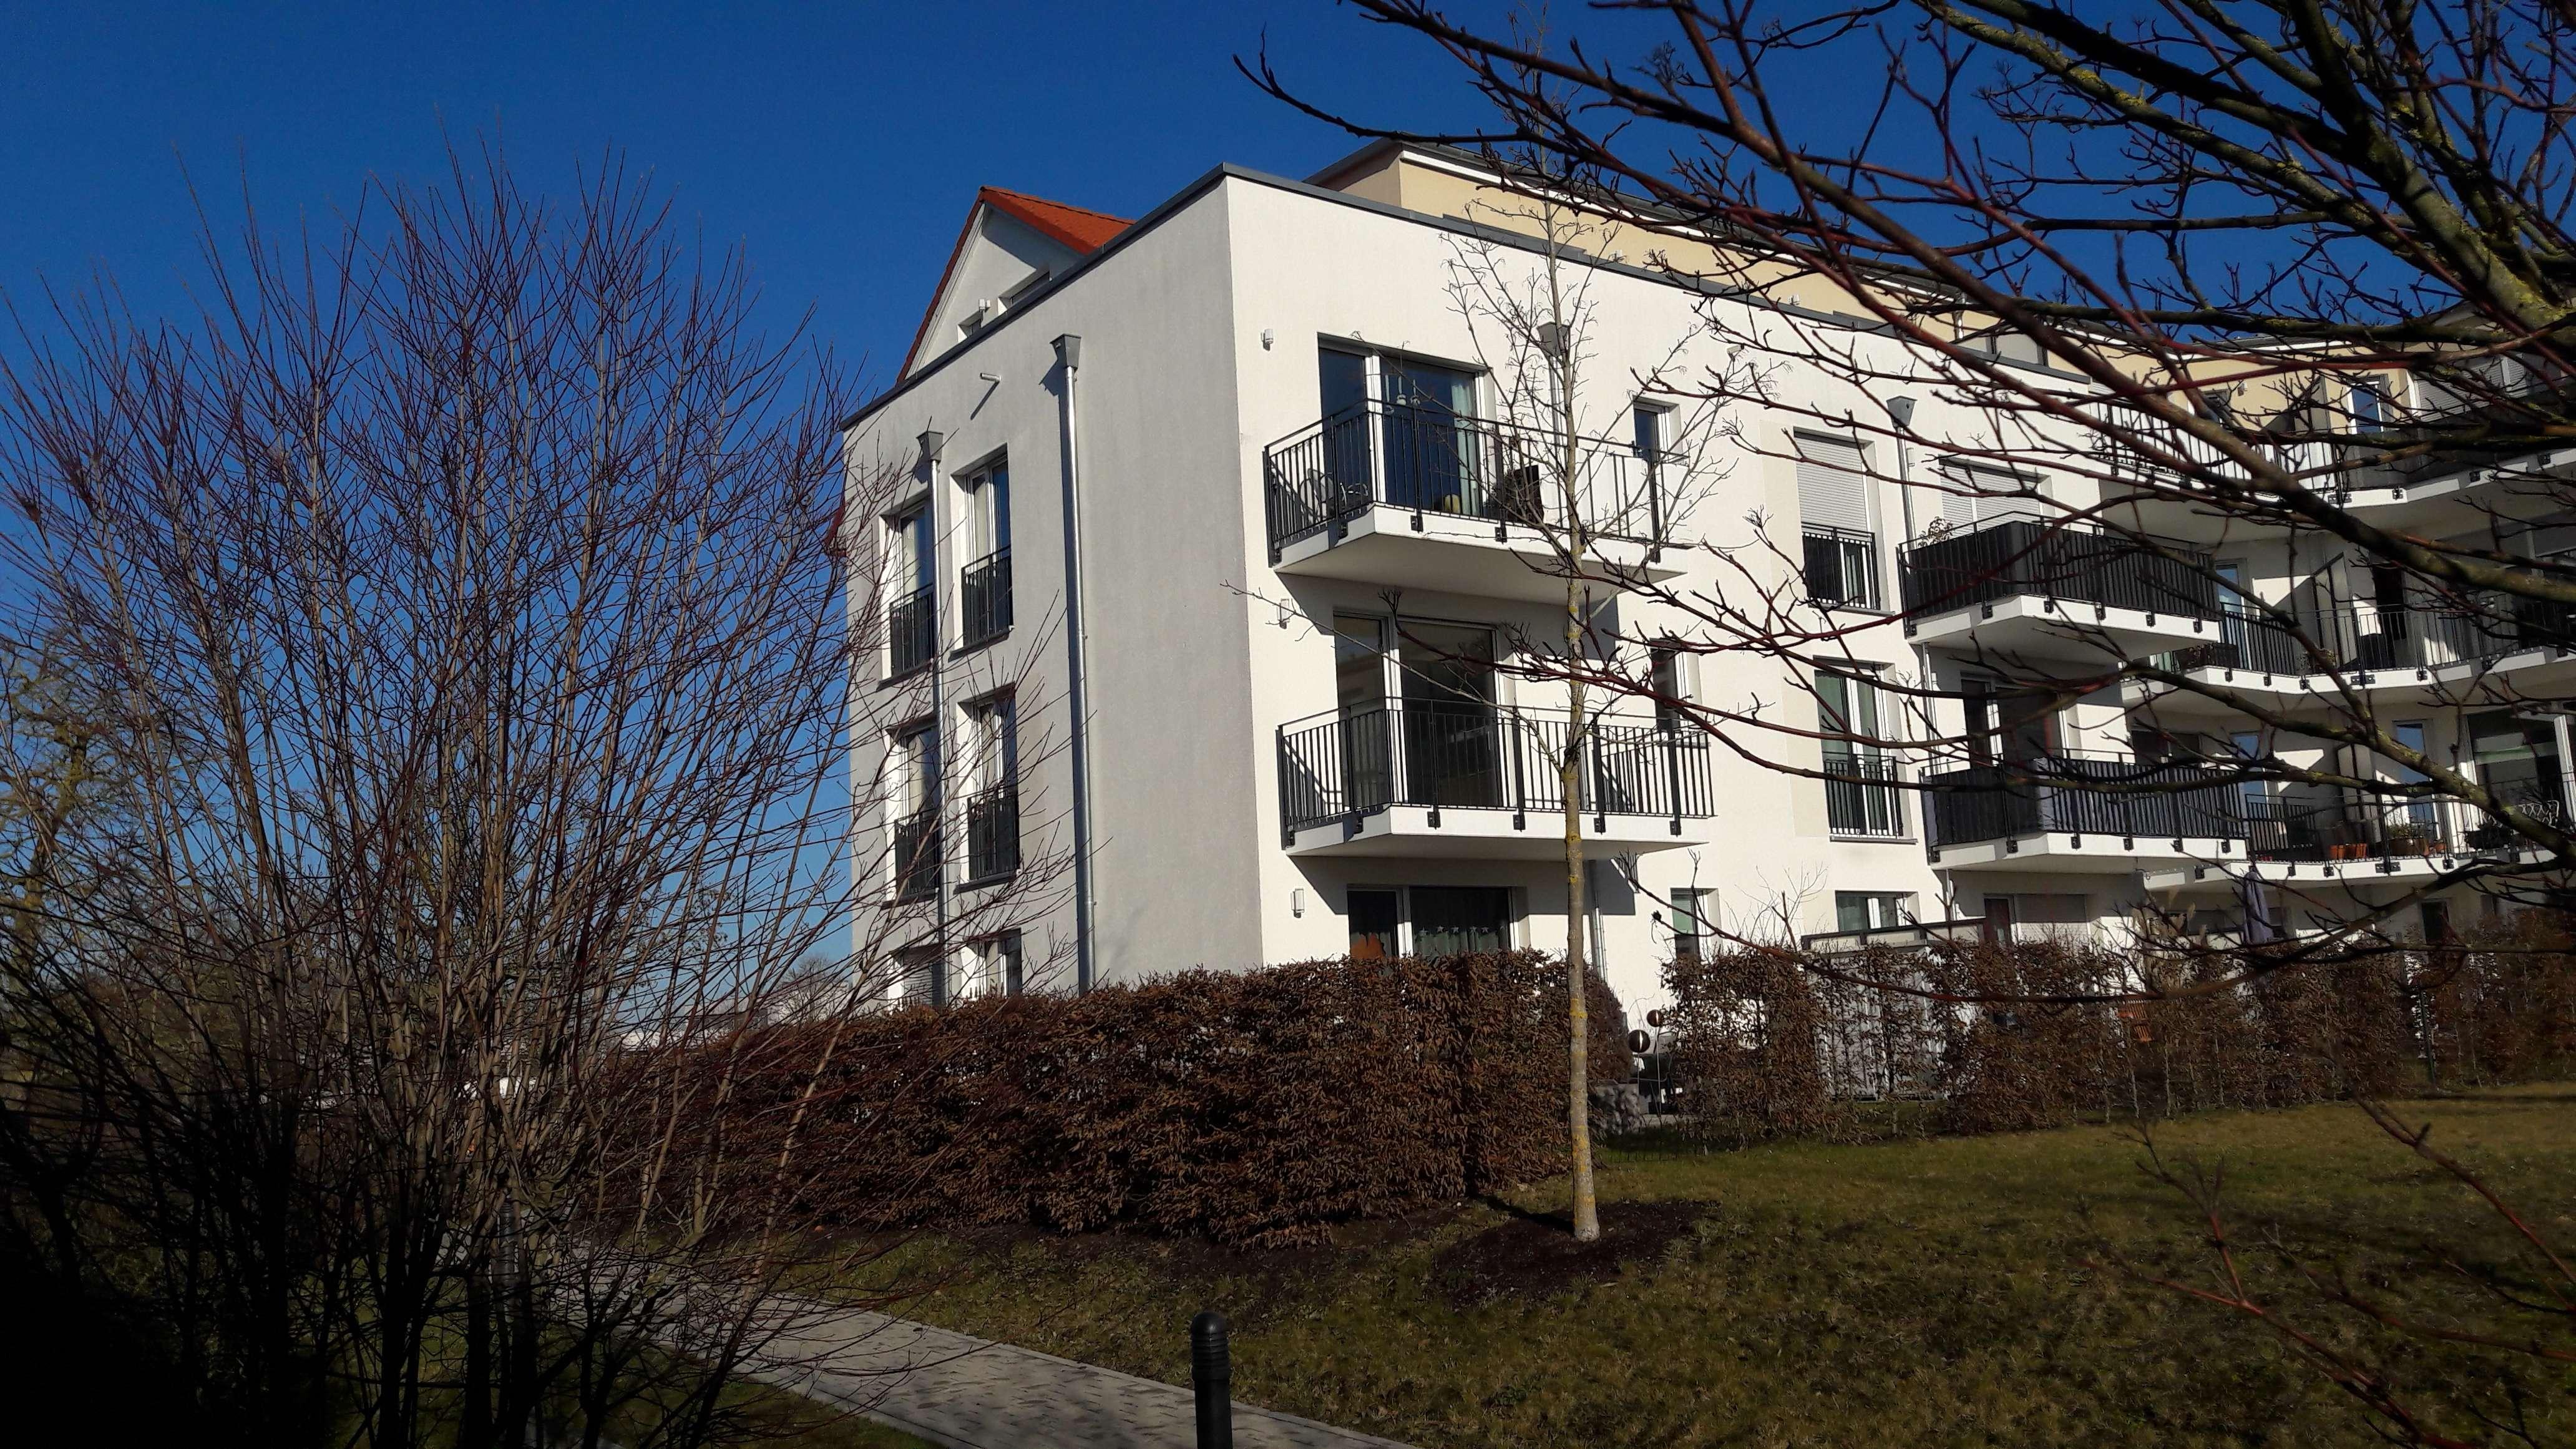 Schöne, großzügige, helle 4-Zimmerwohnung in Wartenberg (Erding)